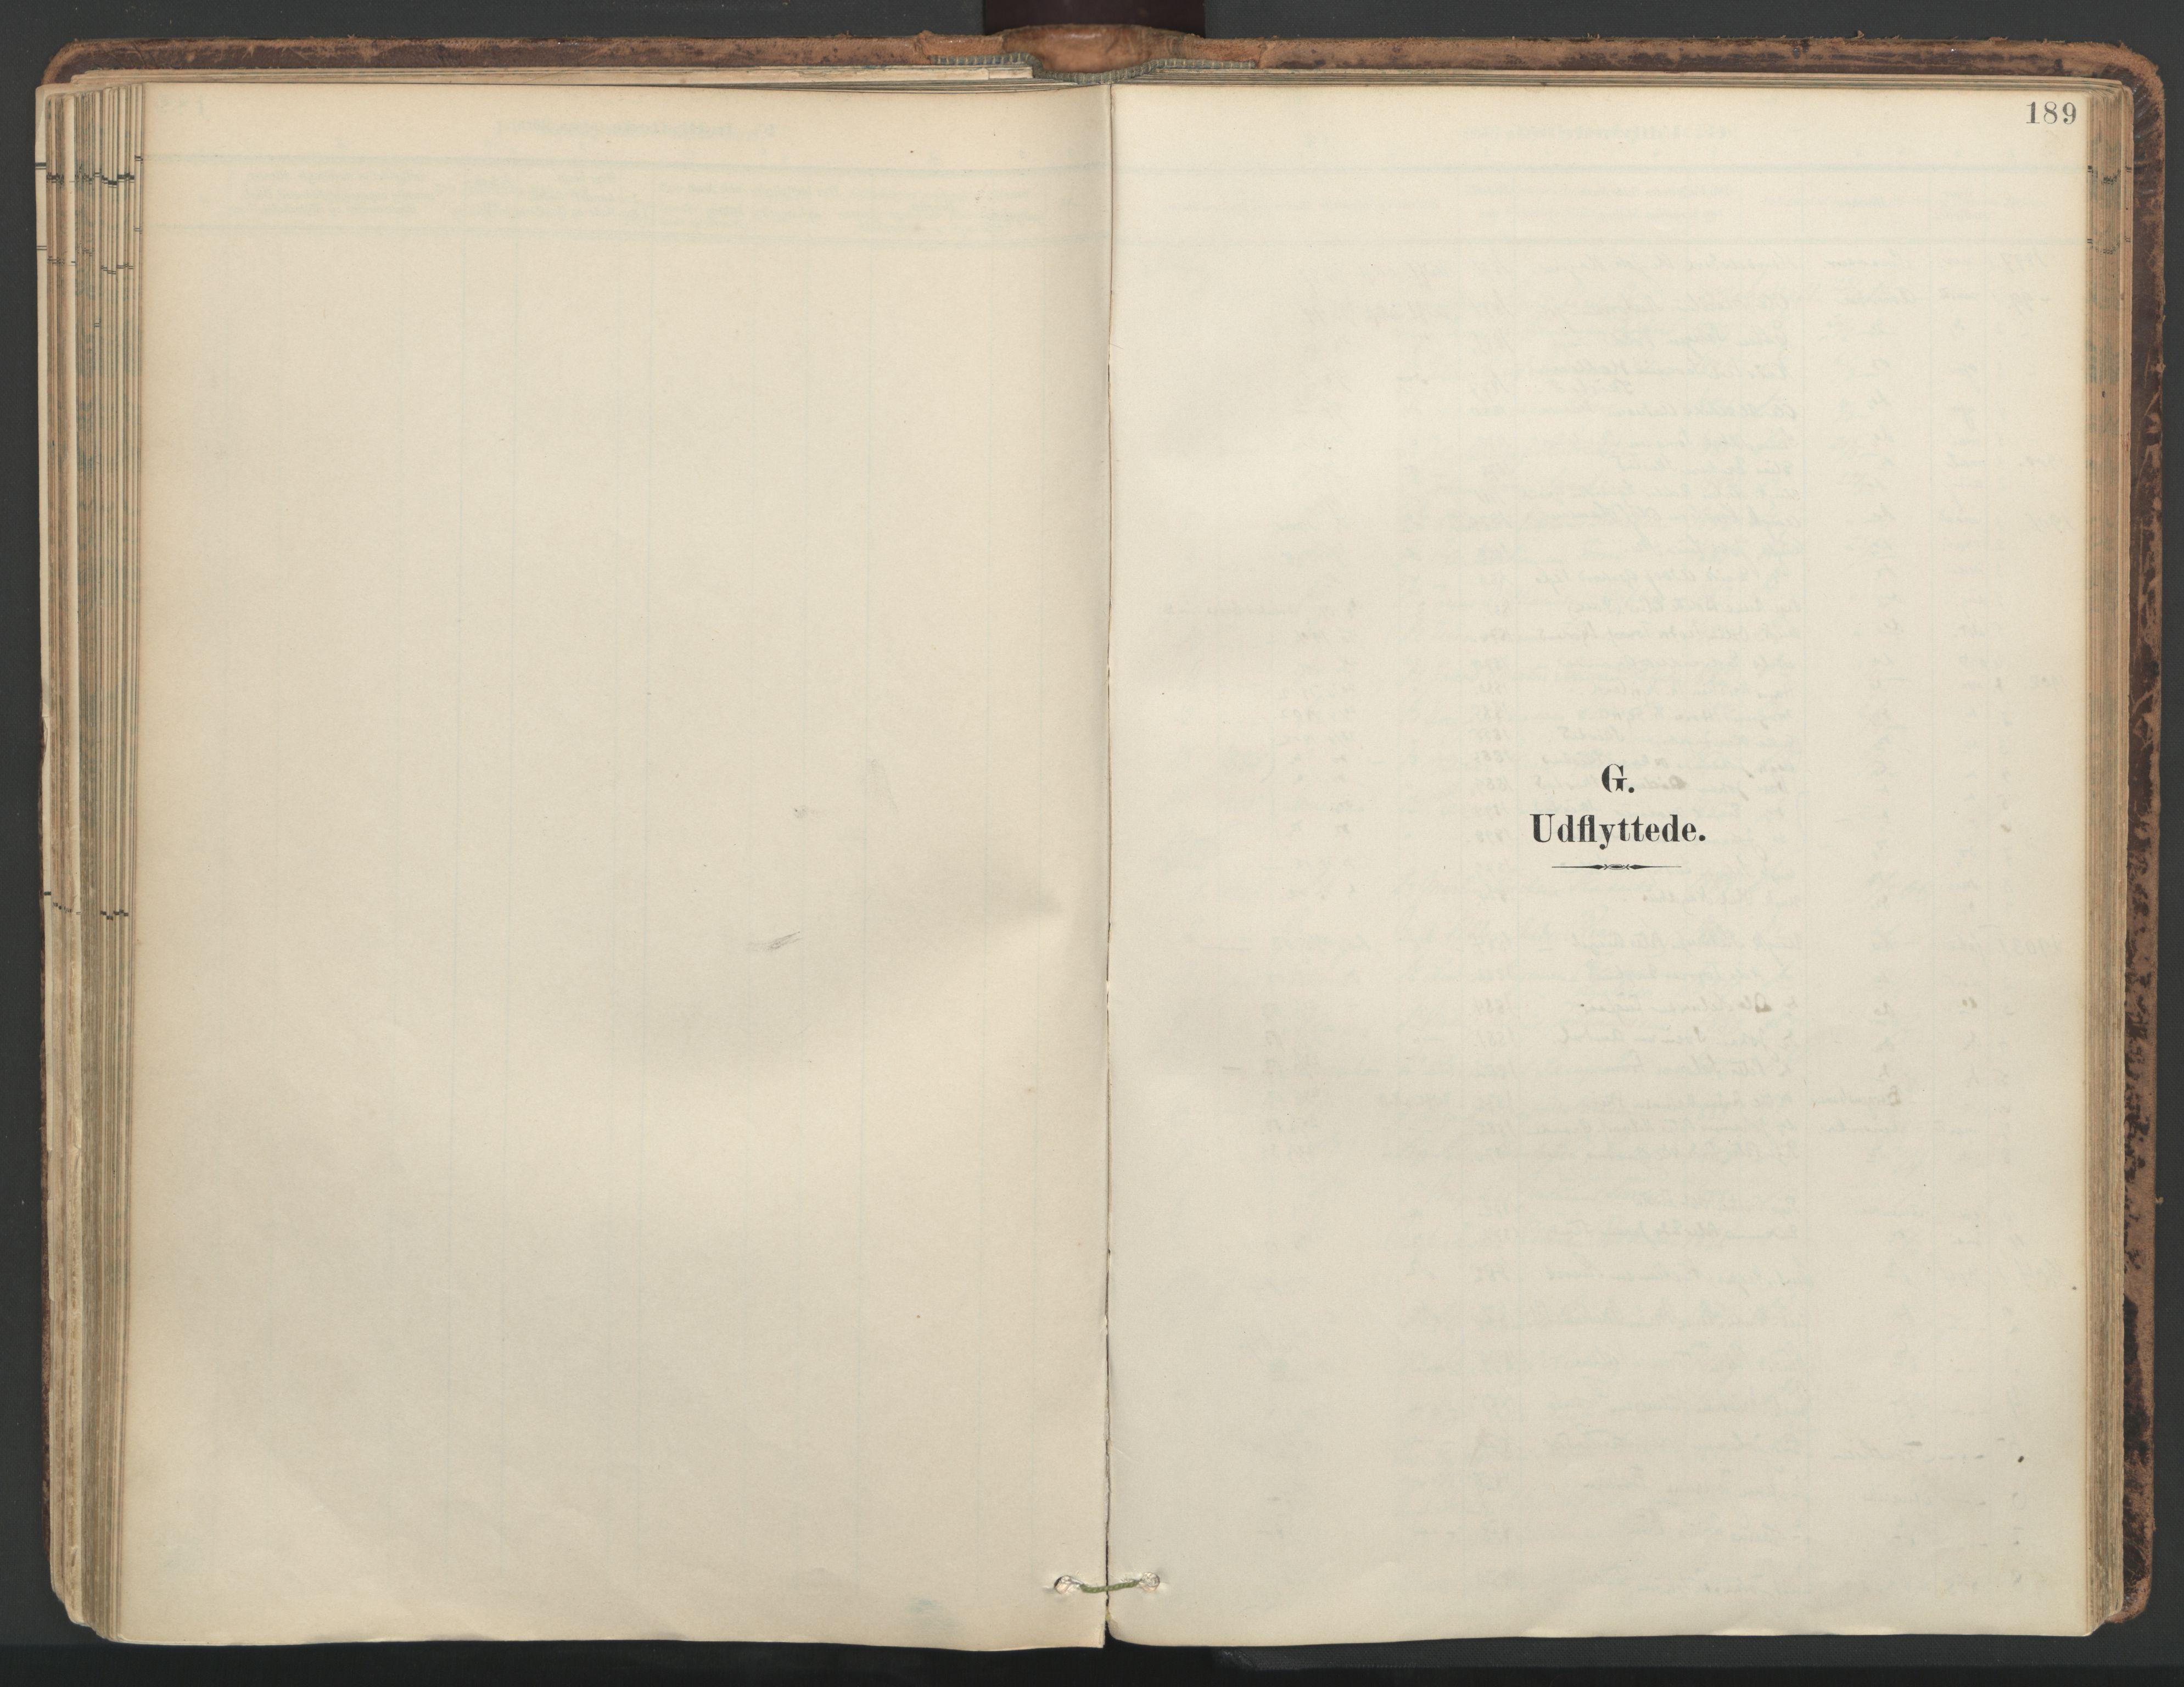 SAT, Ministerialprotokoller, klokkerbøker og fødselsregistre - Nord-Trøndelag, 764/L0556: Ministerialbok nr. 764A11, 1897-1924, s. 189